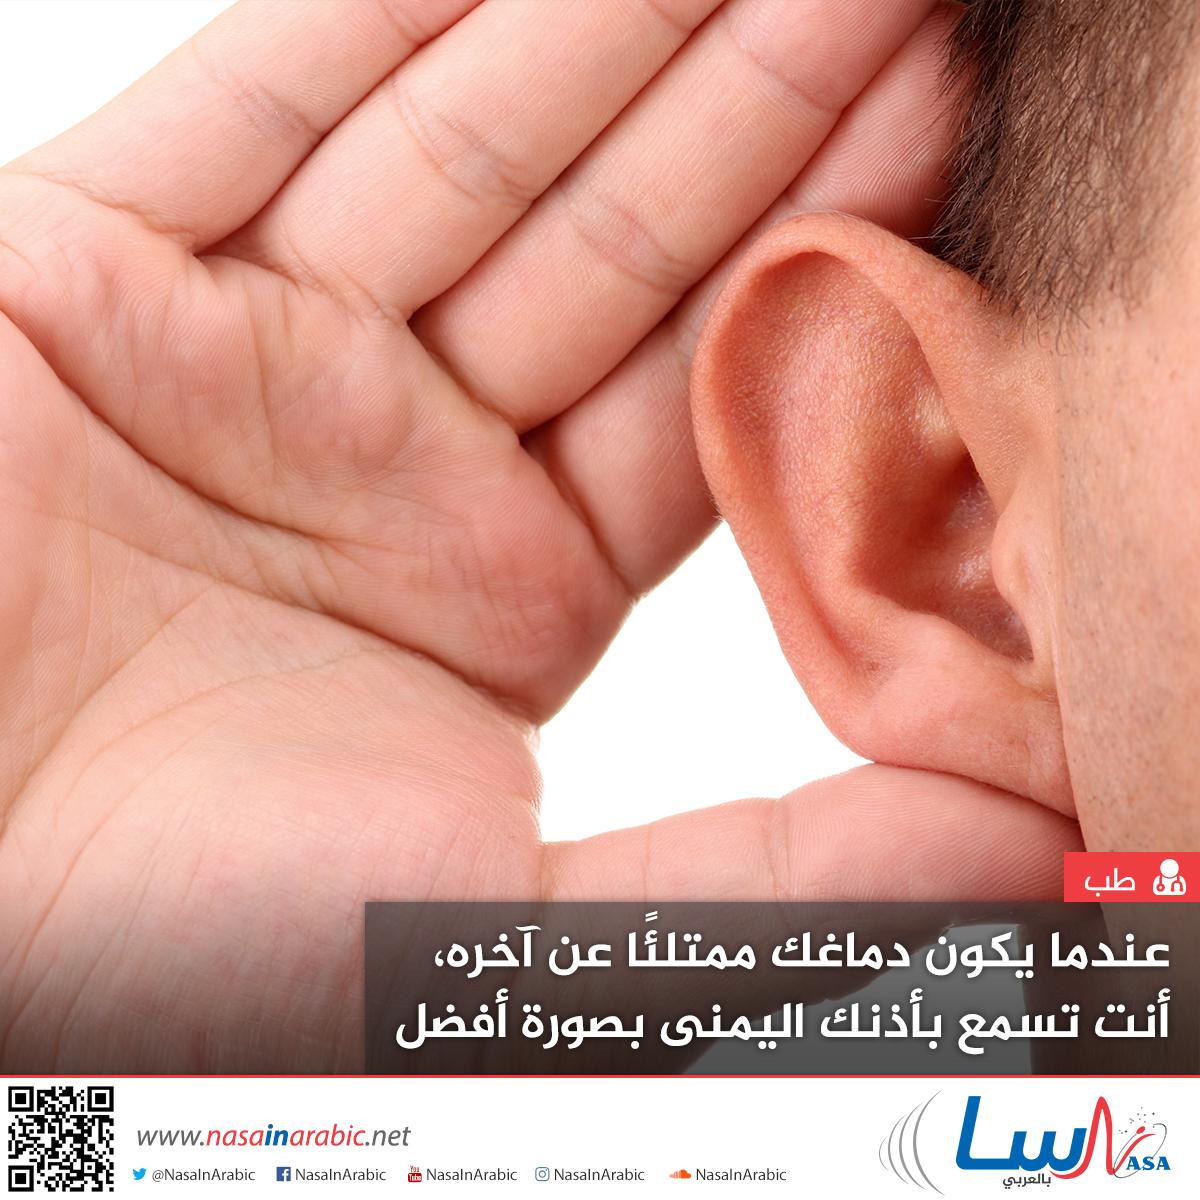 عندما يكون دماغك ممتلئًا عن آخره، أنت تسمع بأذنك اليمنى بصورة أفضل